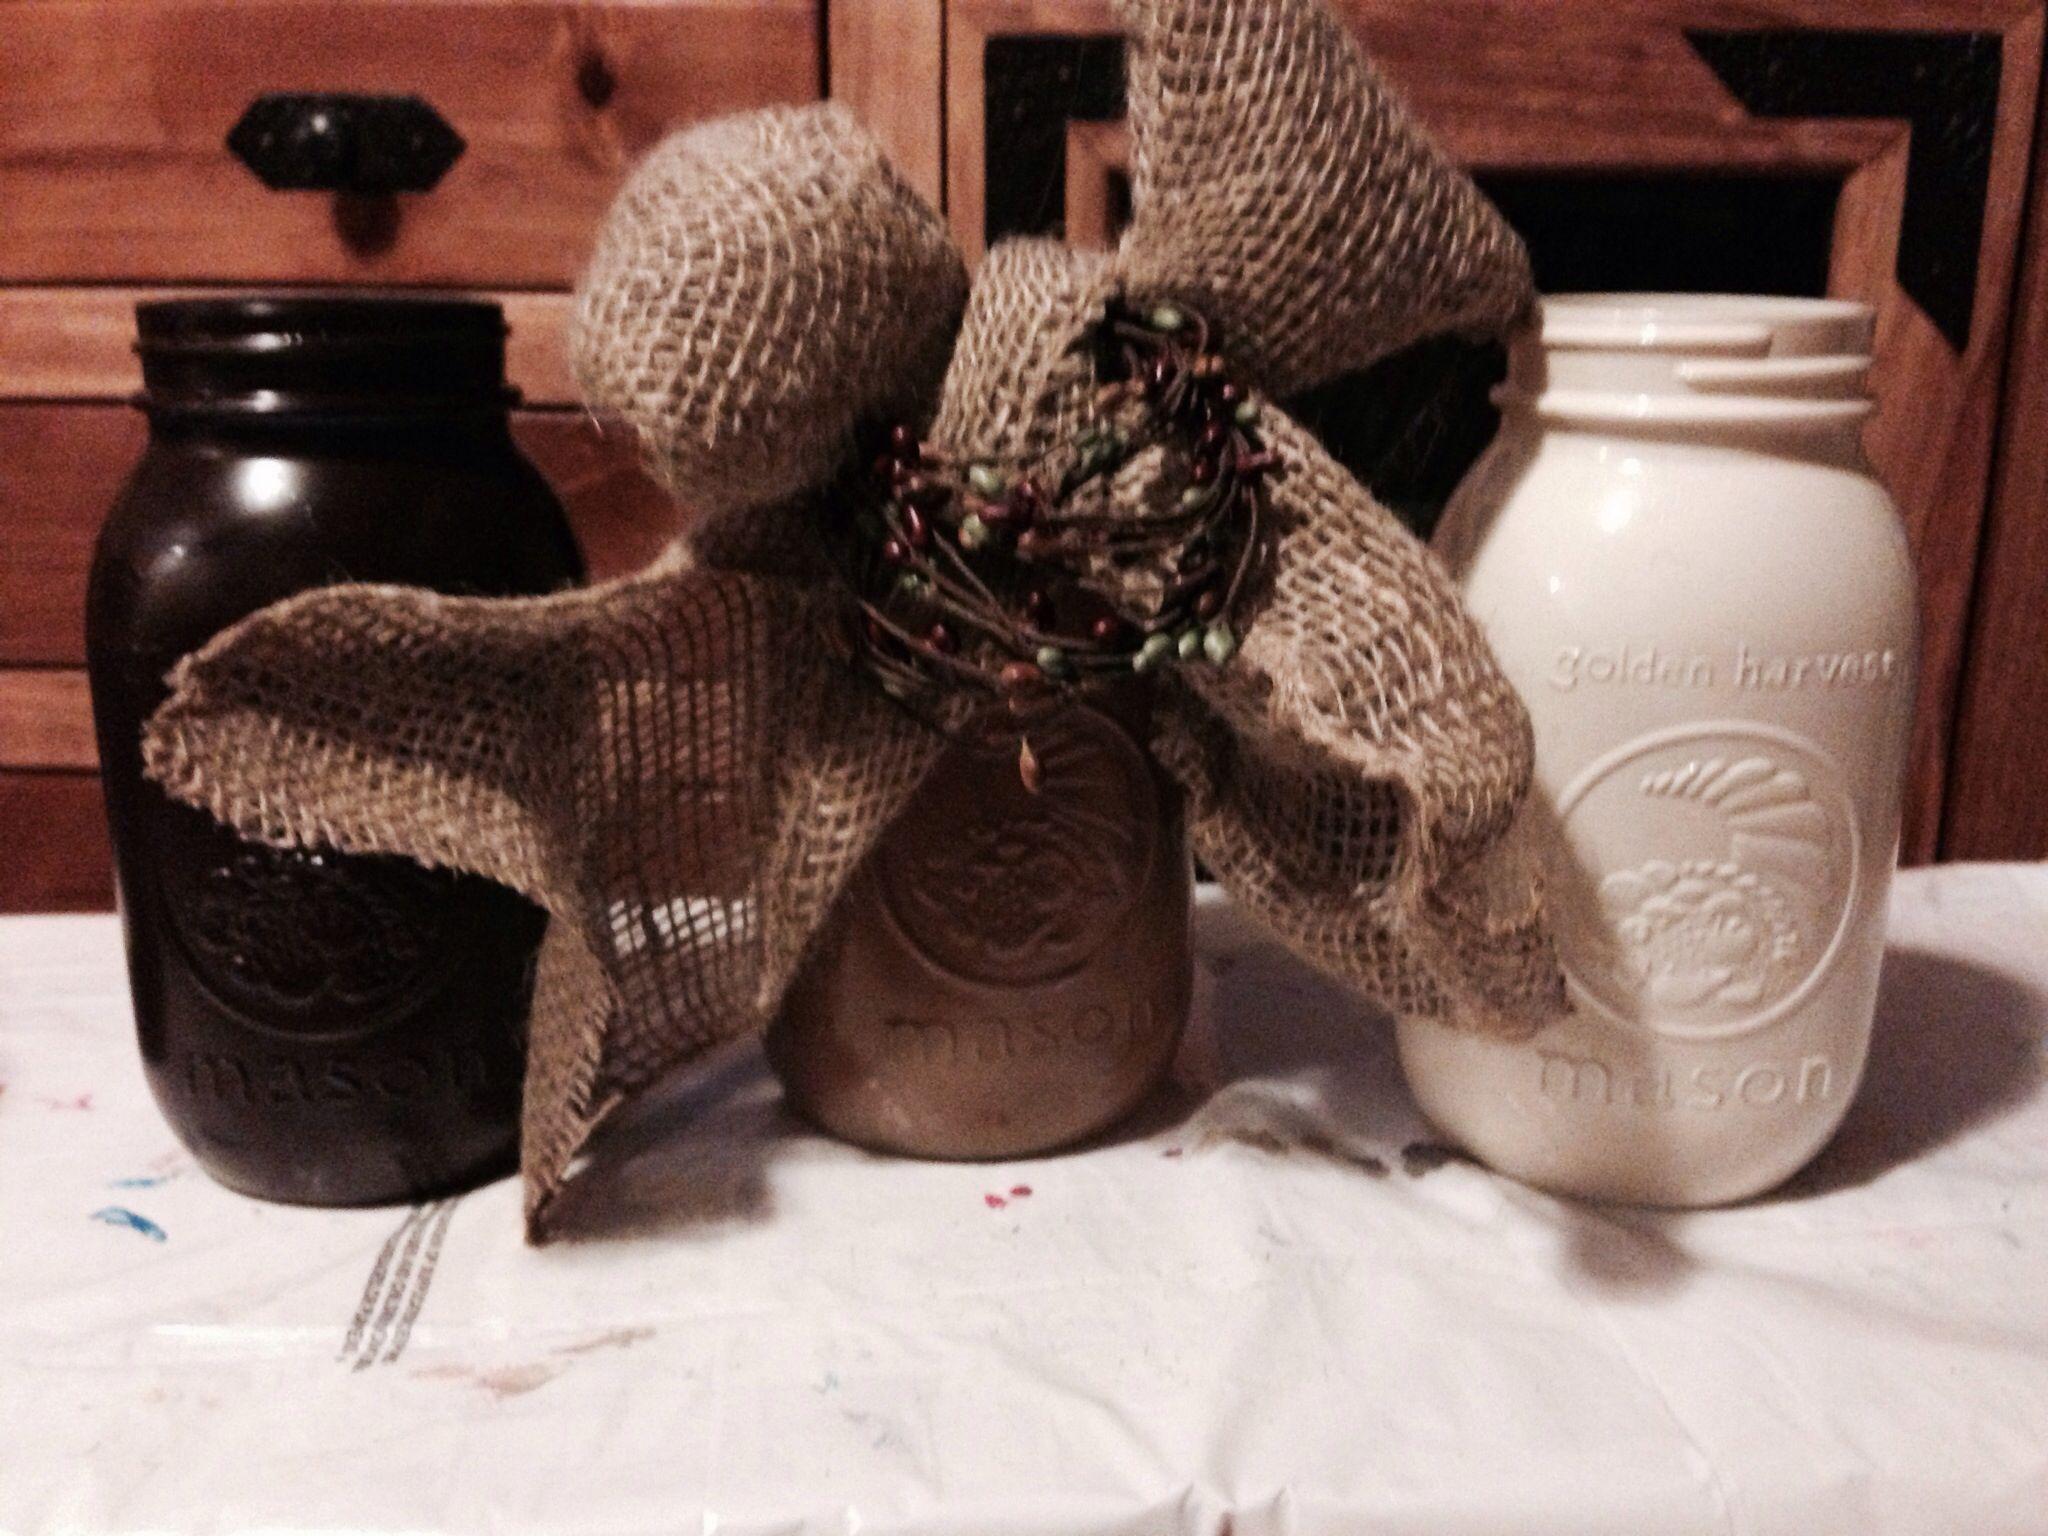 Painted mason jars!!